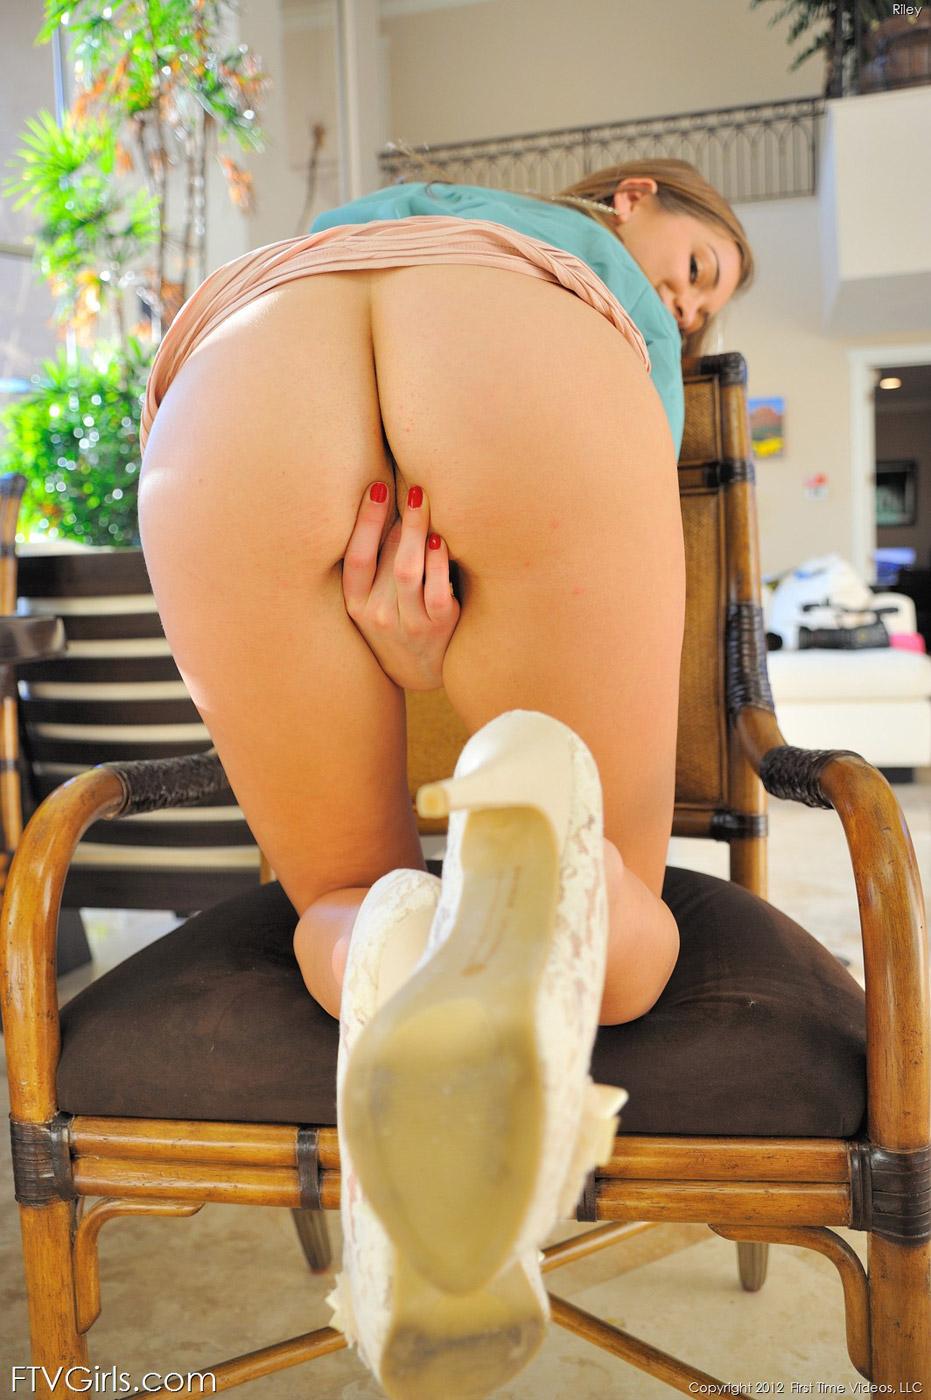 Zdjęcie porno - 13 1 - Różowa pipka